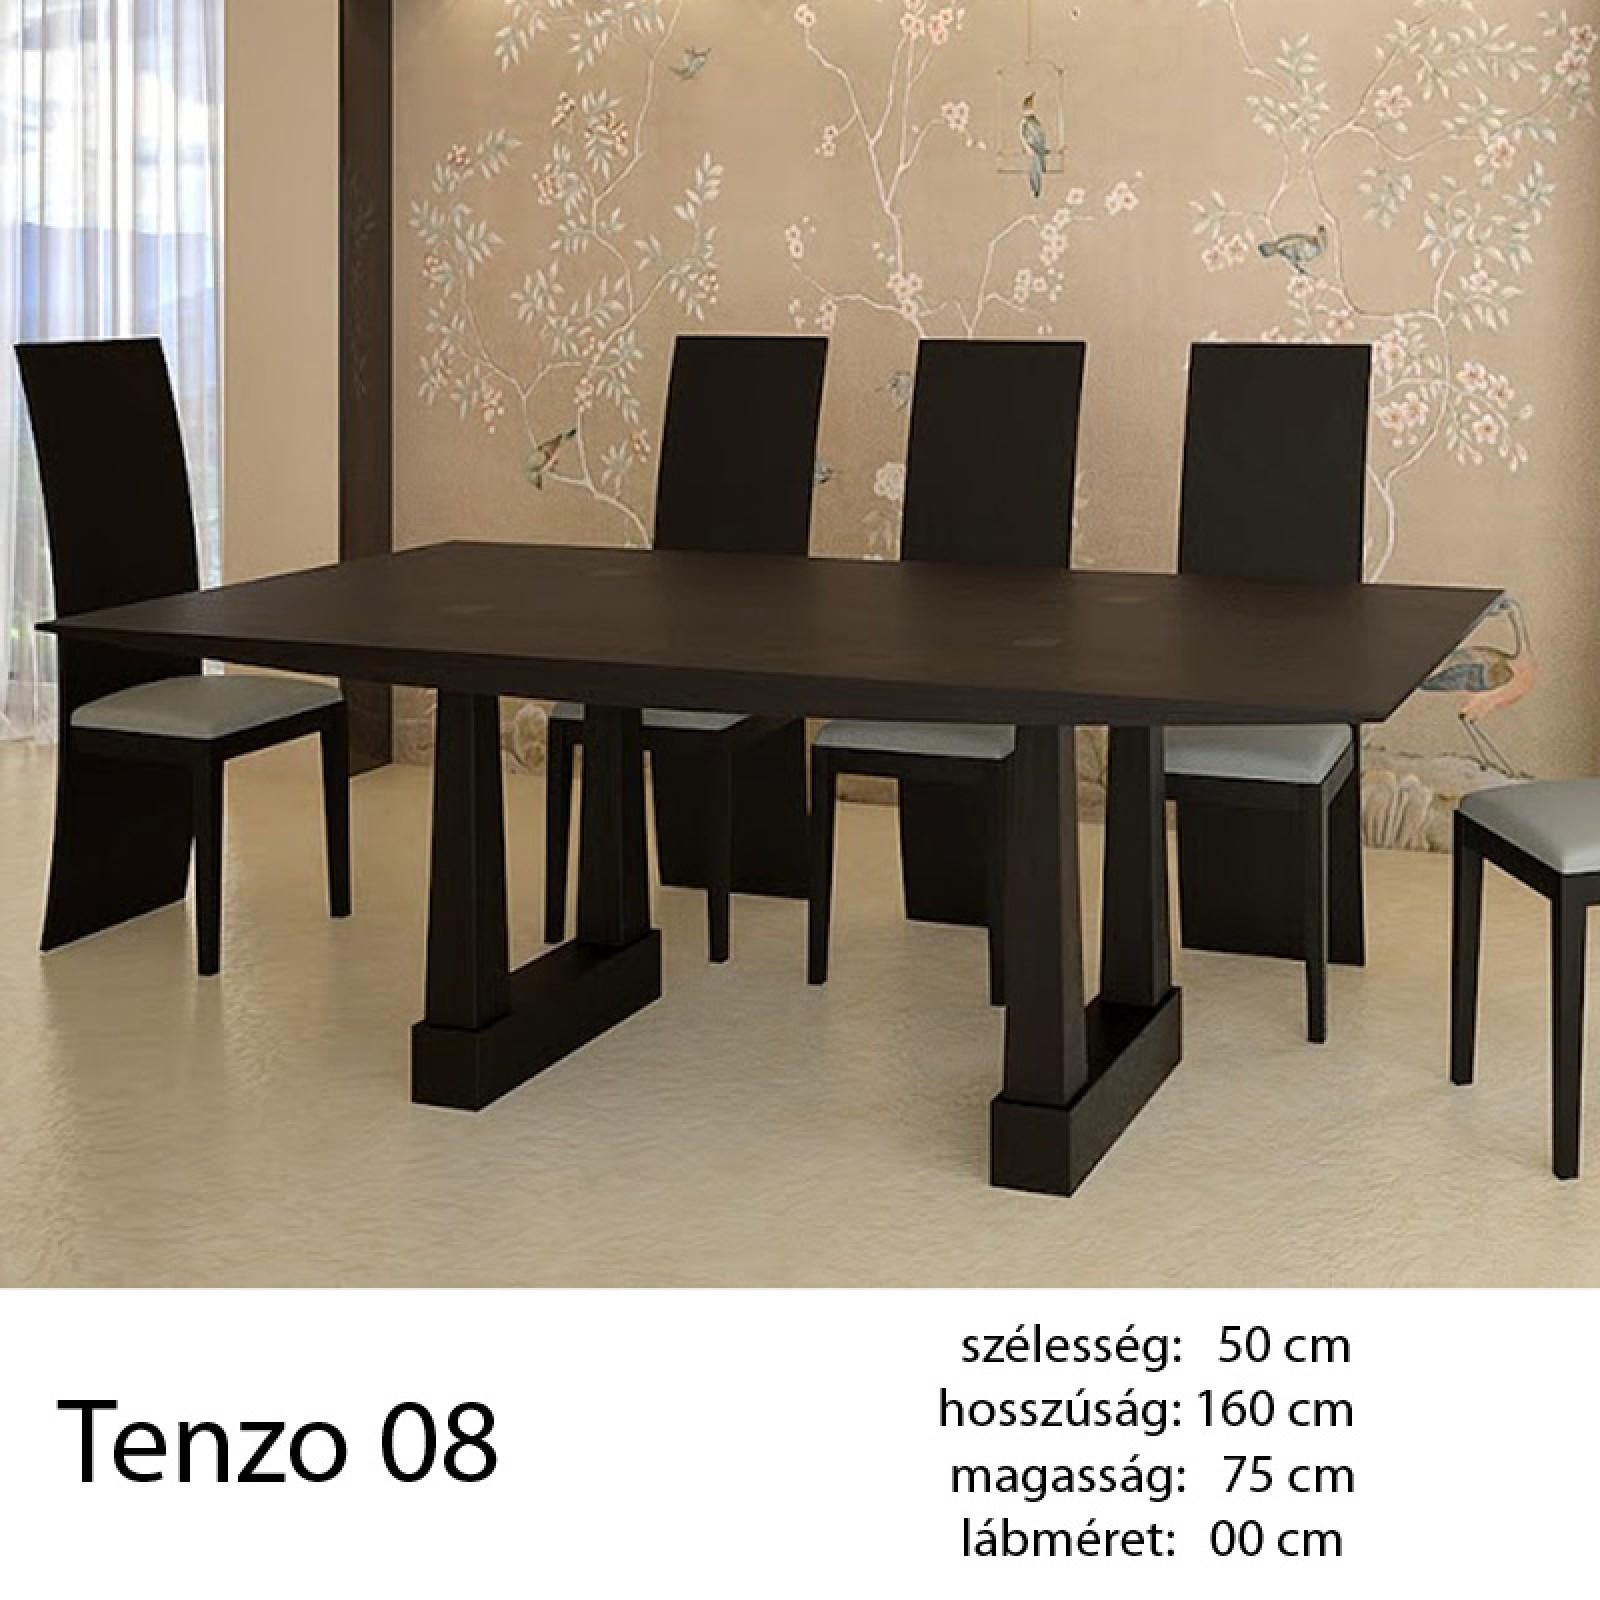 703 Tenzo 08 Étkezőasztal Füstölt Fekete Tölgy. - 11 HAZAI TERMÉK ...